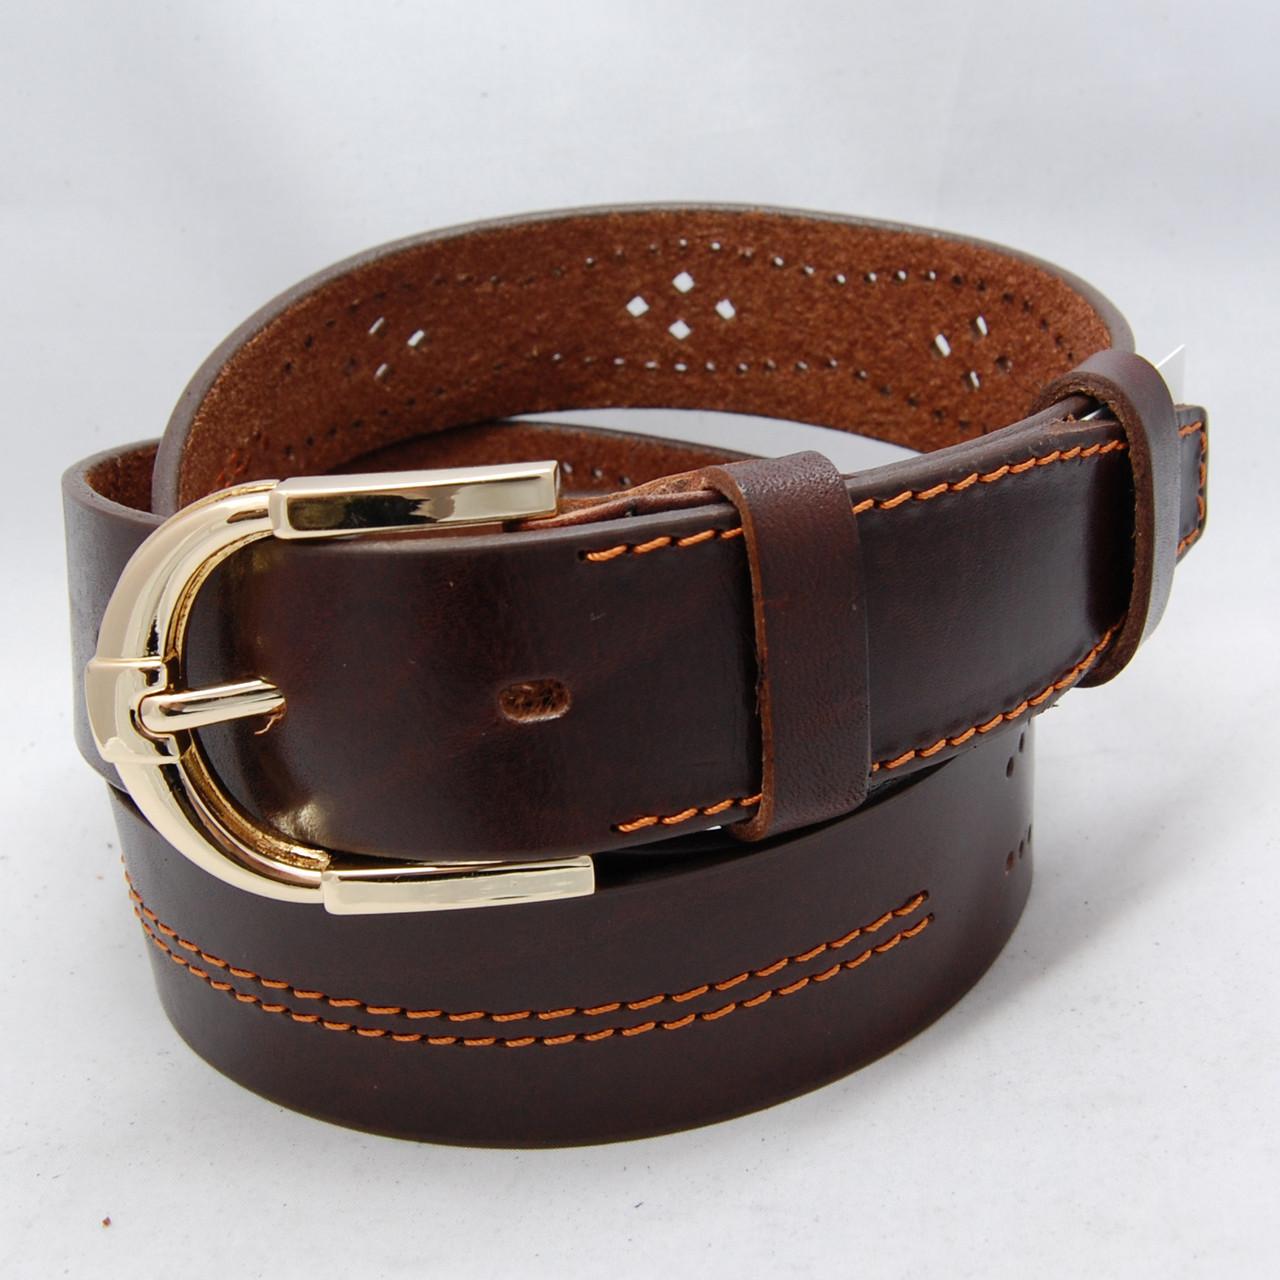 e387be4944f9 Ремень кожаный мужской JK тёмно-коричневый (8321): продажа, цена в  Харькове. ремни и ...